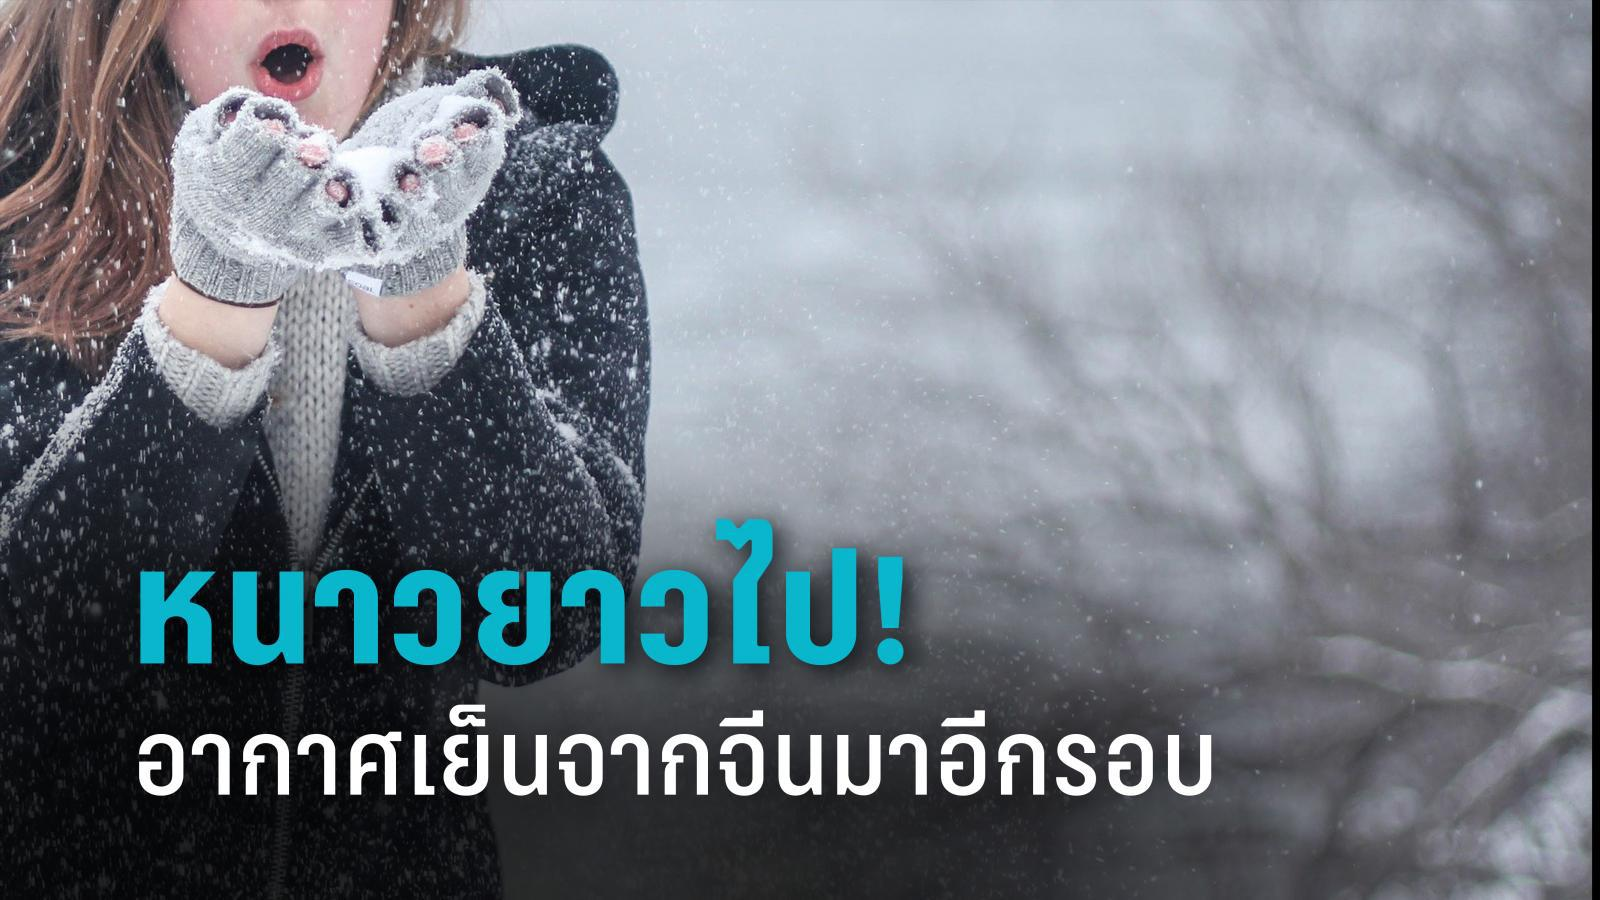 เตรียมปากสั่น! ลมหนาวยังไม่หมด มาอีก 17-18 ม.ค.กรมอุตุฯ เตือนปชช.ดูแลสุขภาพ